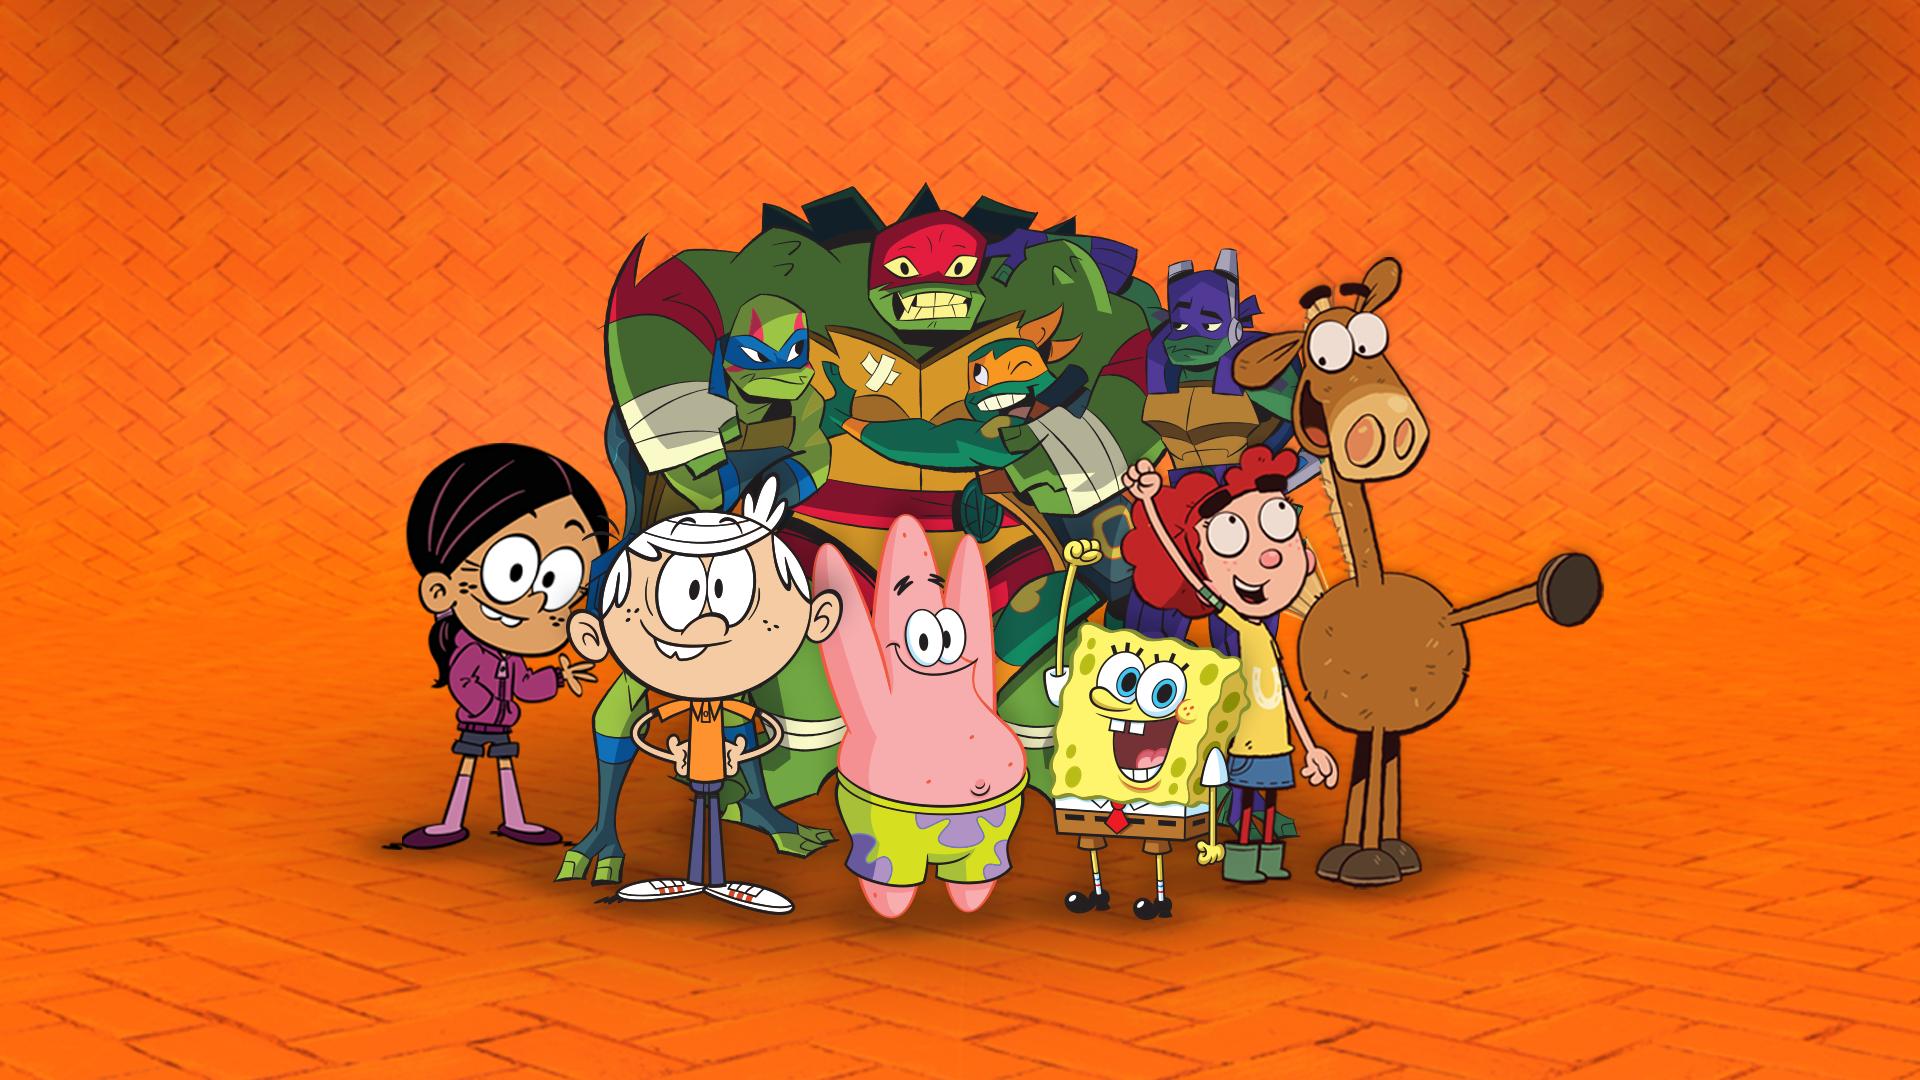 Nickelodeon Live Stream